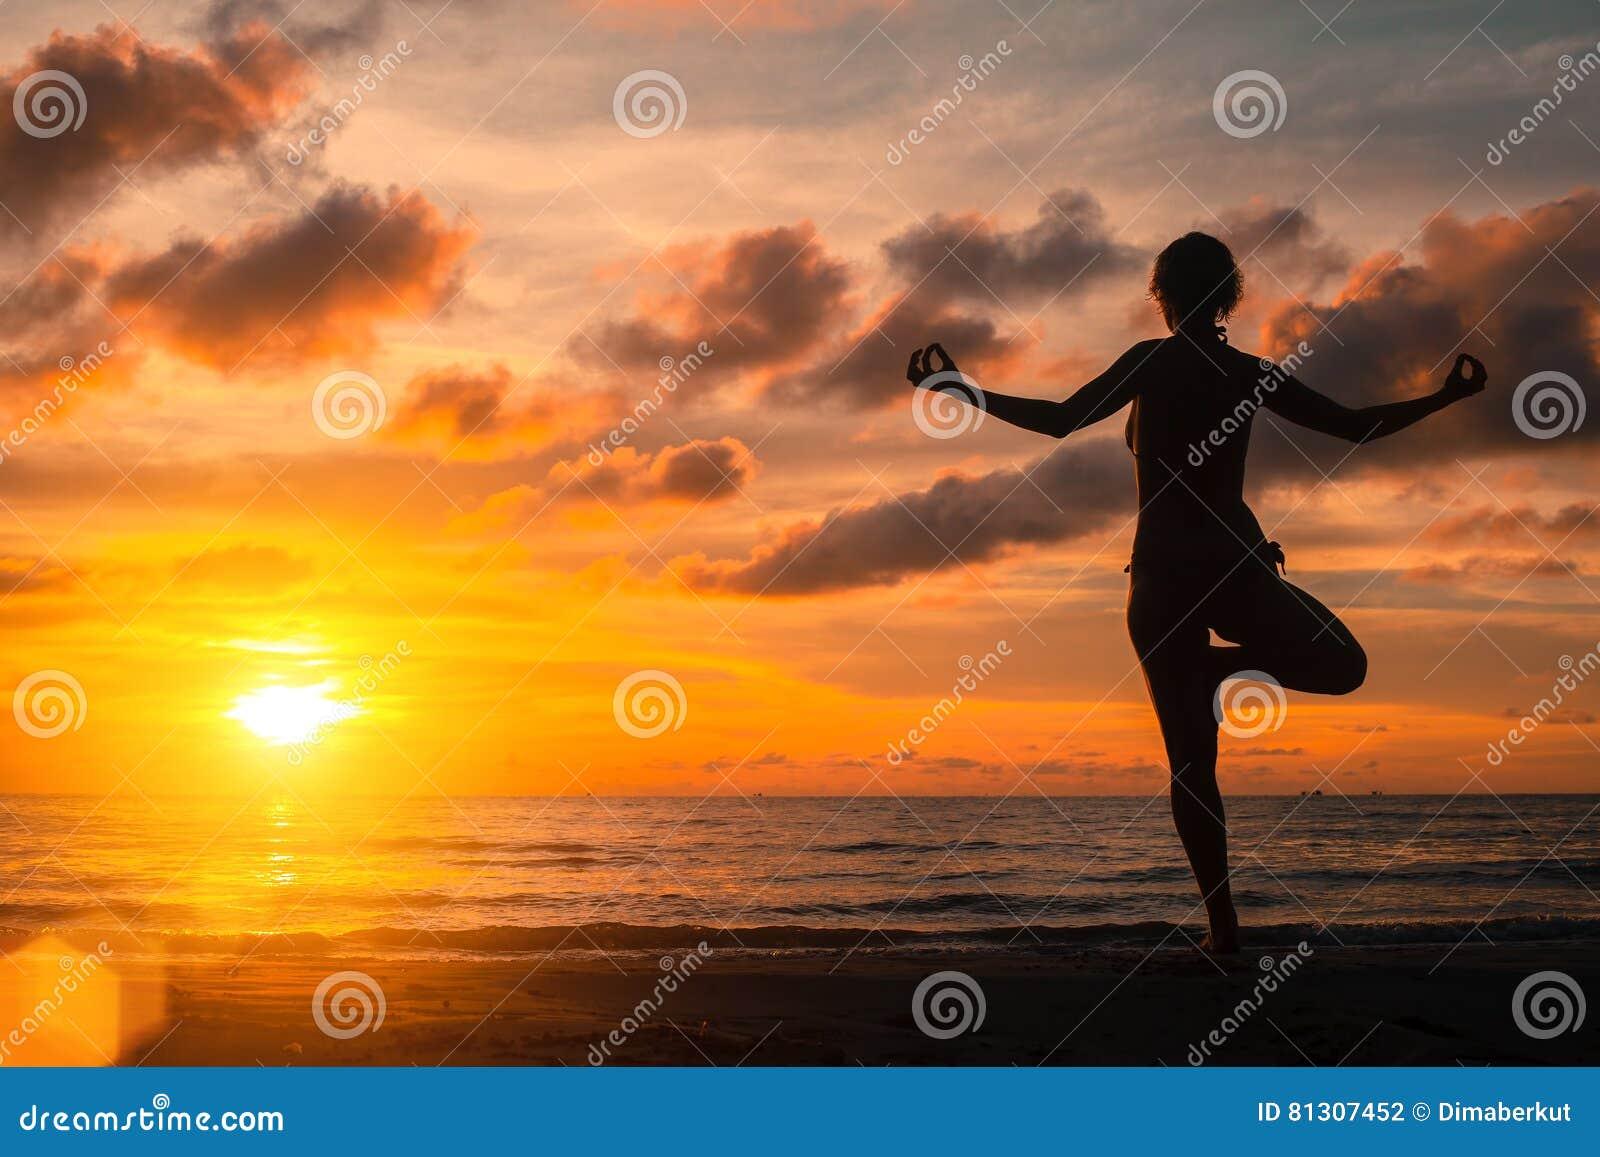 Yoga het praktizeren bij zonsondergang, sereniteit en meditatie ontspan